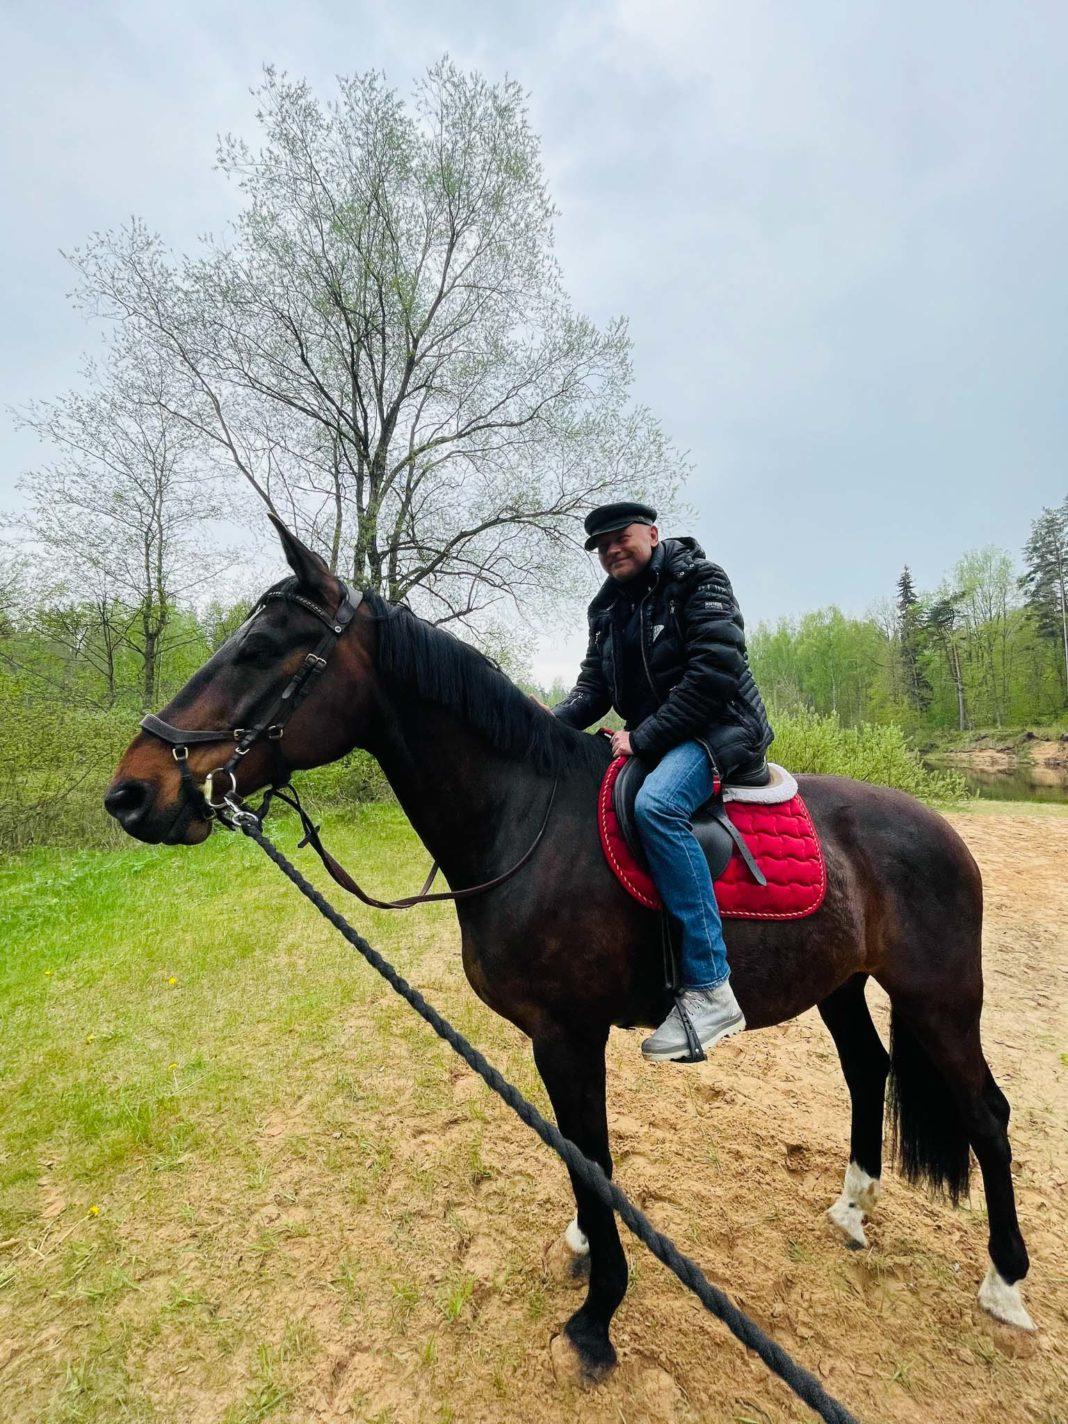 Multimaksla pop up tirdzins Igo Fomins uz zirga